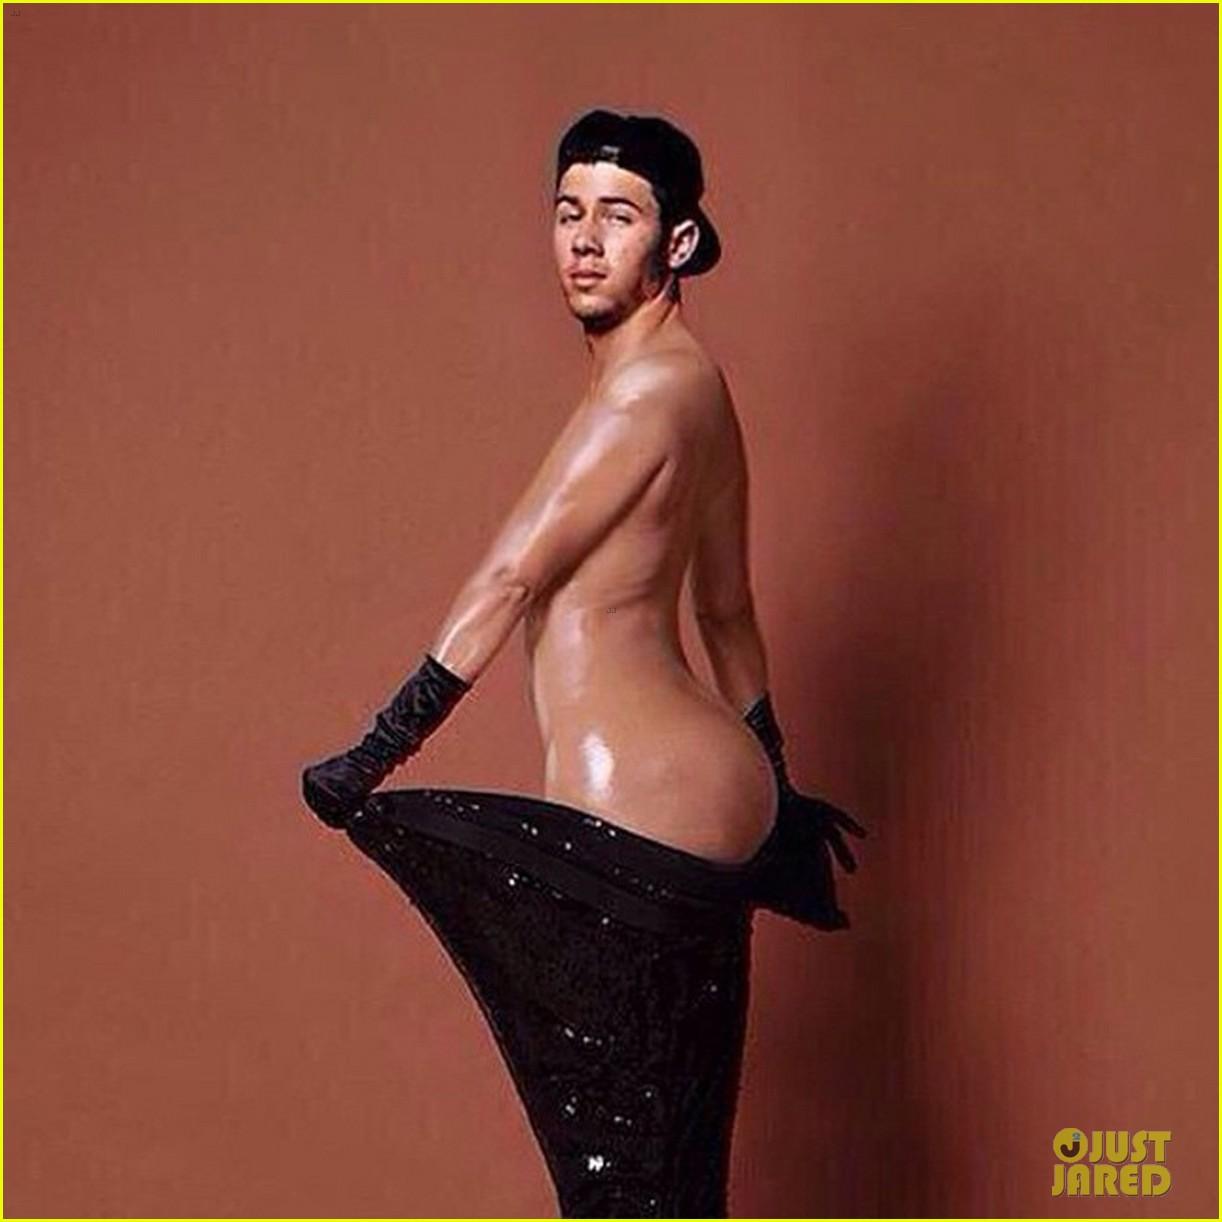 Nick joe jonas naked